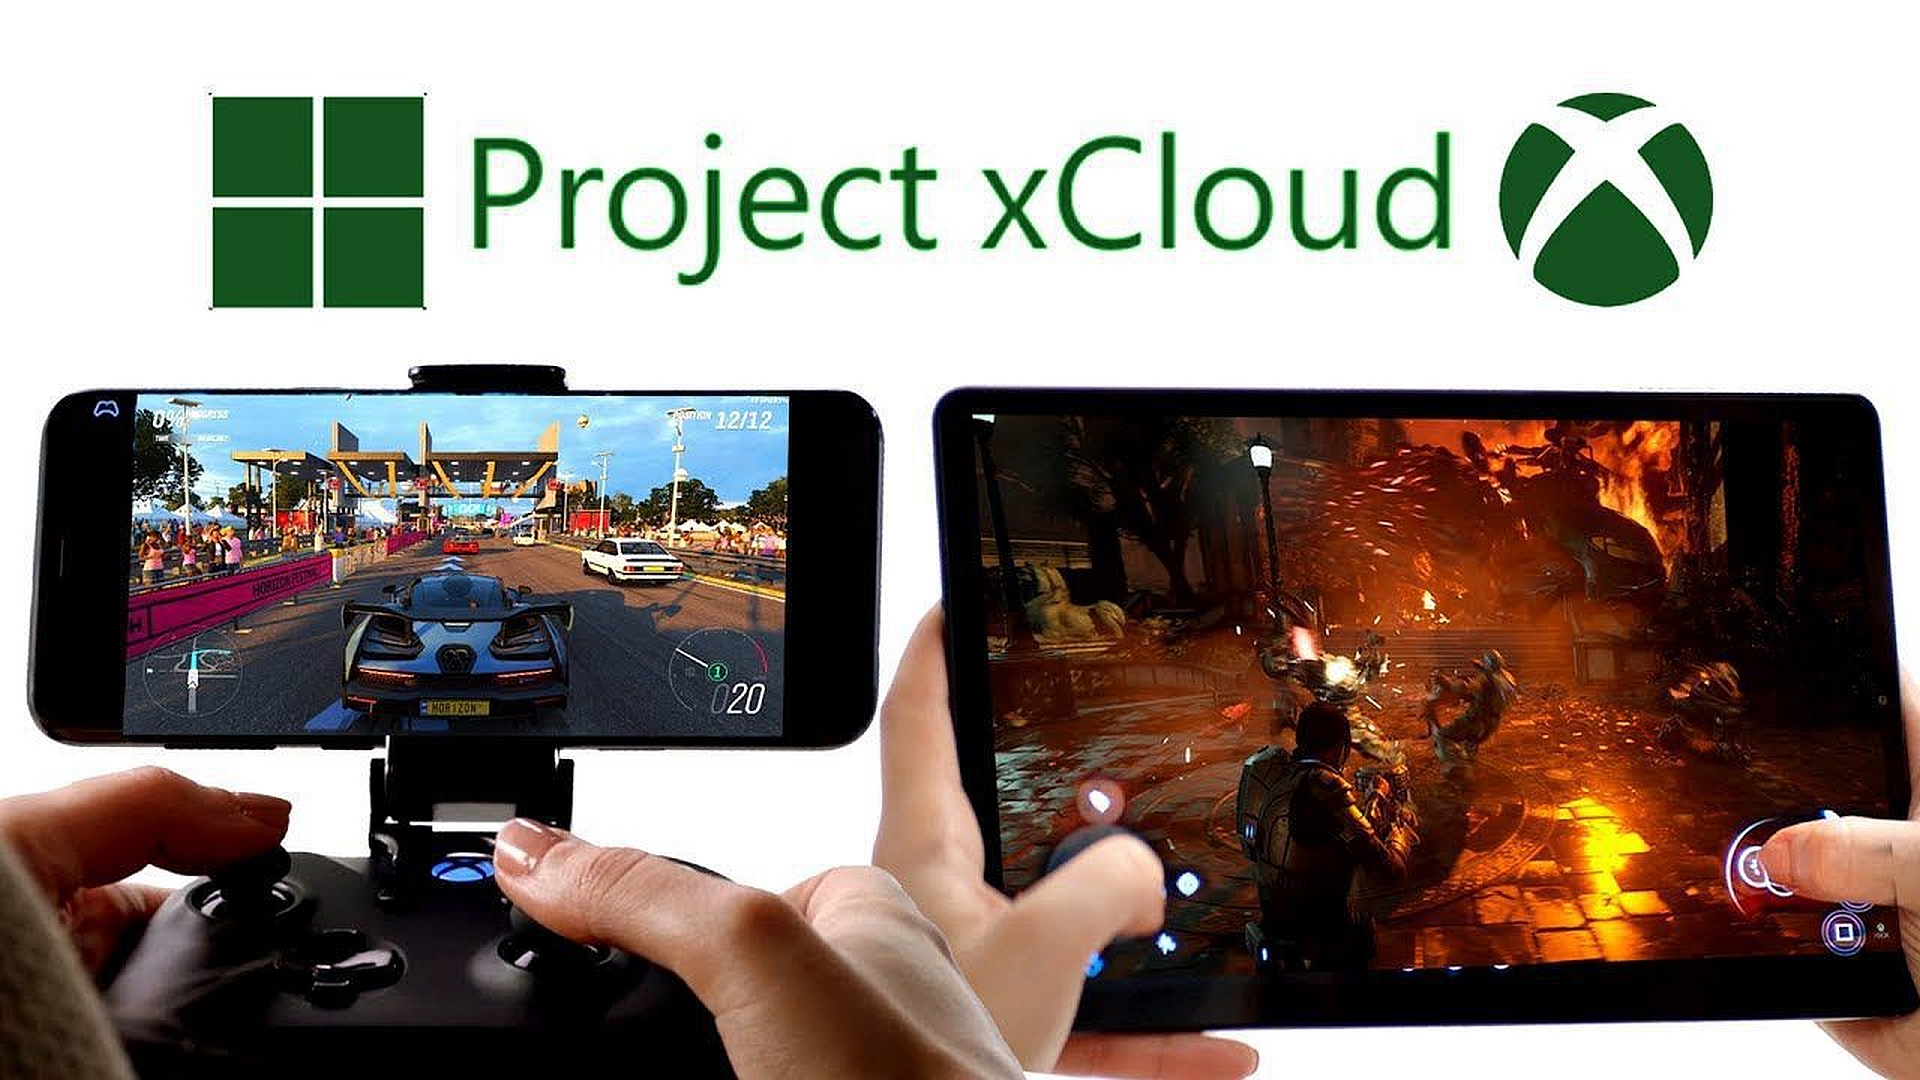 微软云游戏服务Project xCloud将于10月开启测试